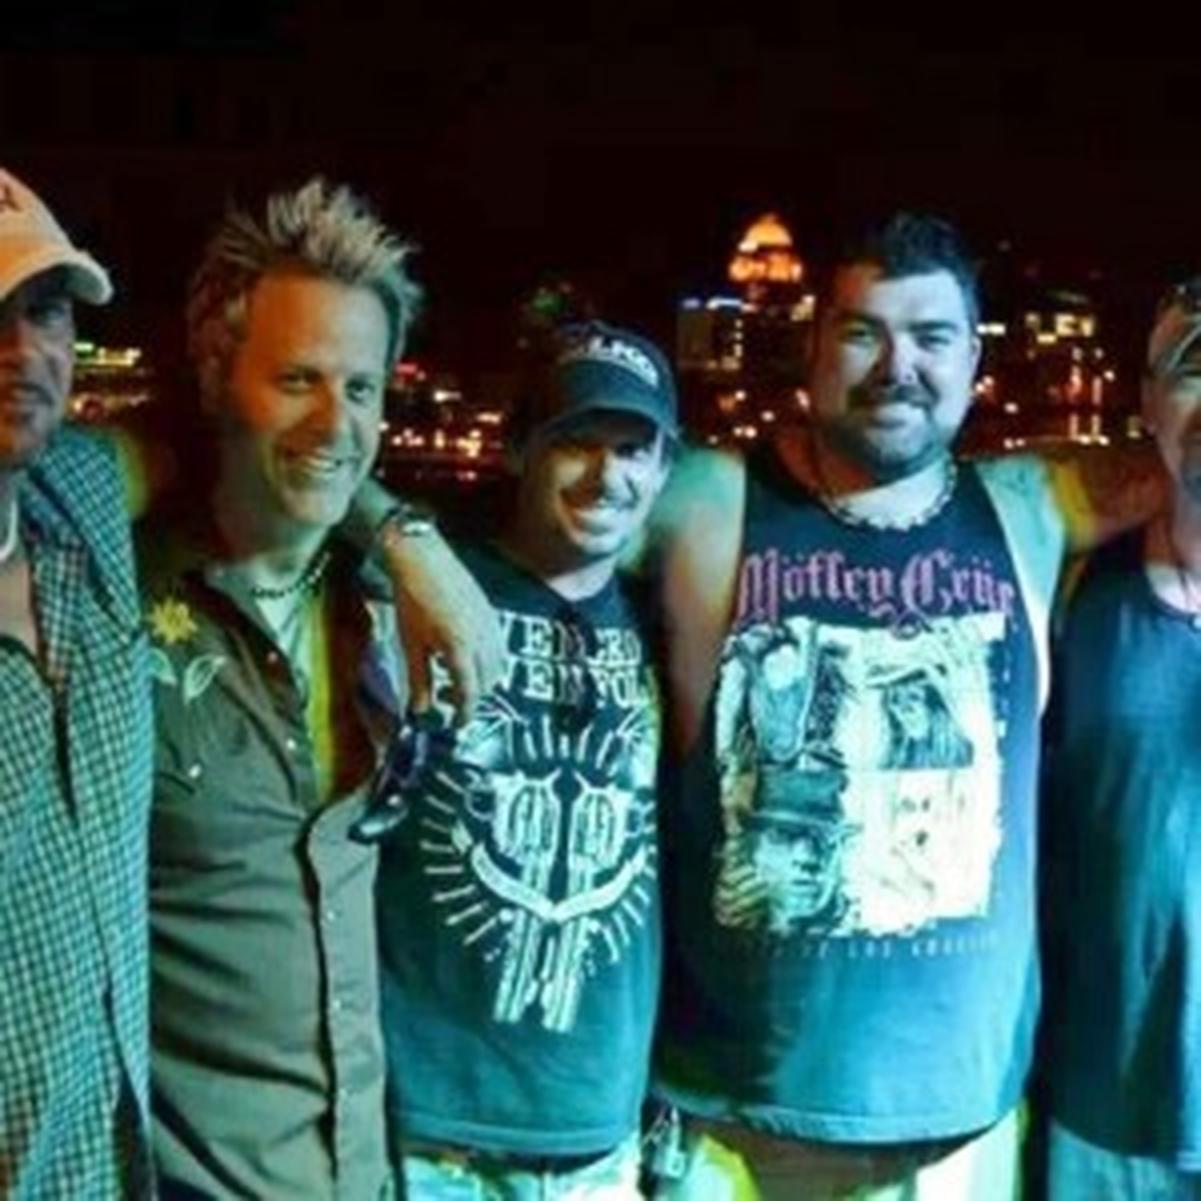 The Big Phatty Band